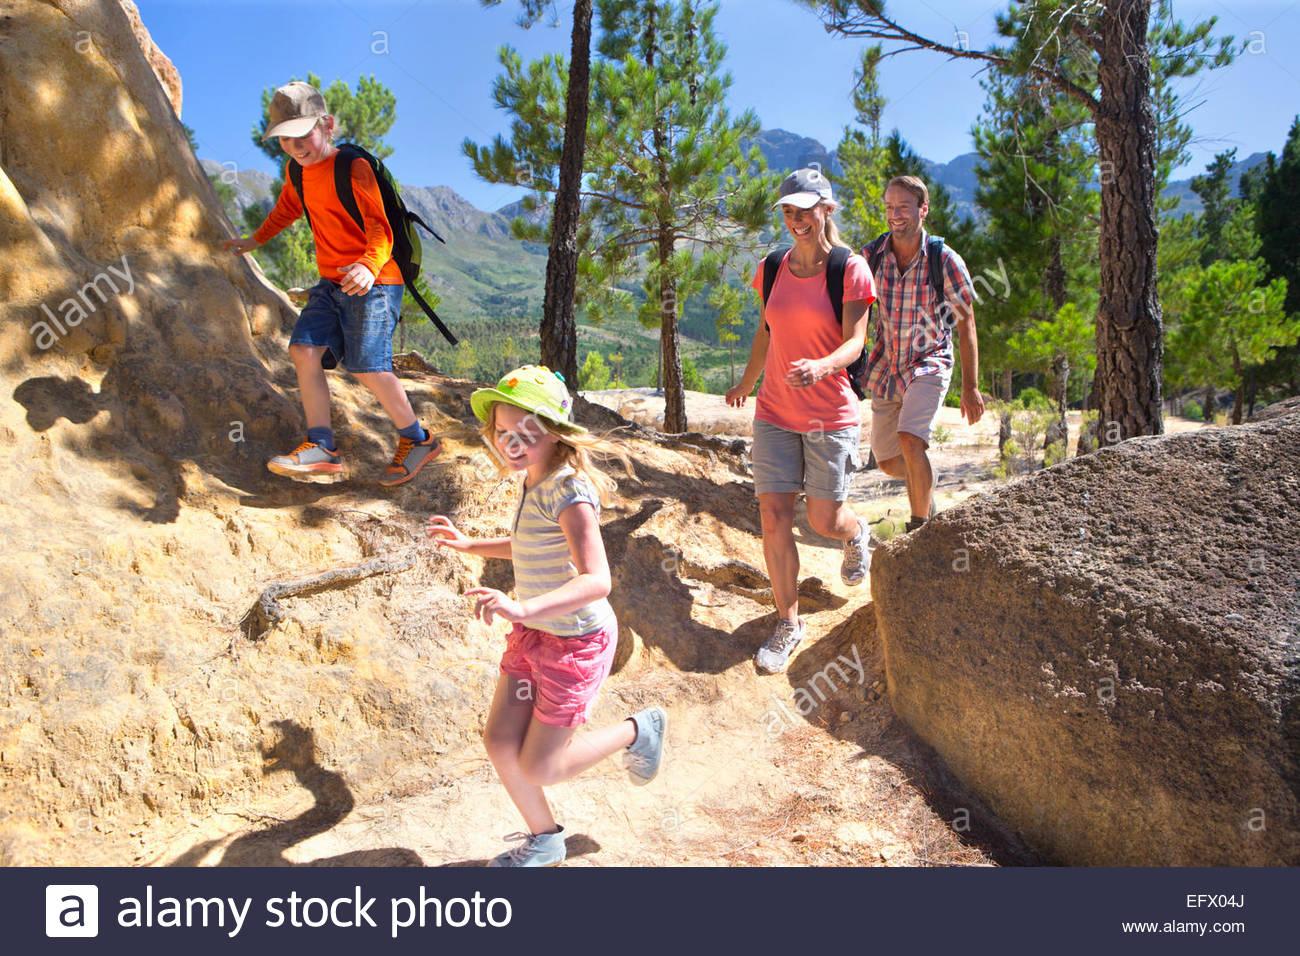 Randonnées familiales sur sentier de montagne Photo Stock